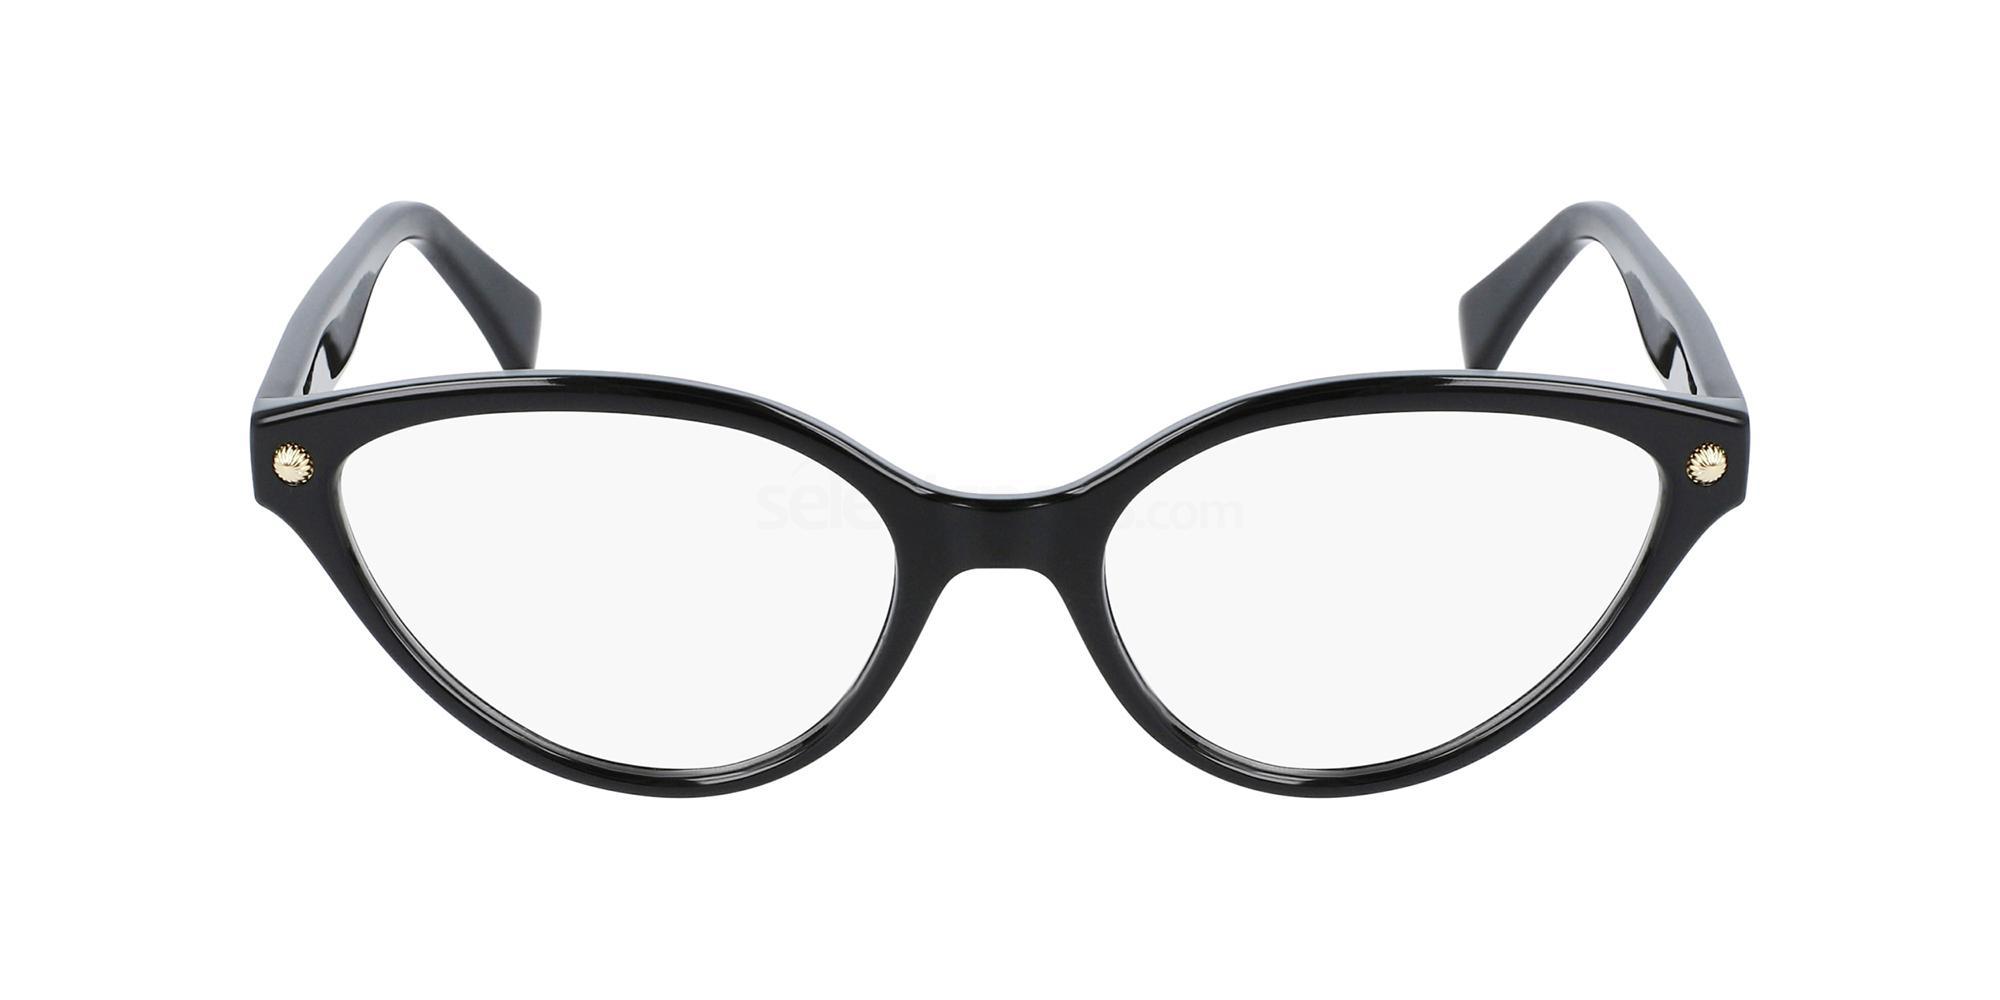 001 LNV2607 Glasses, Lanvin Paris